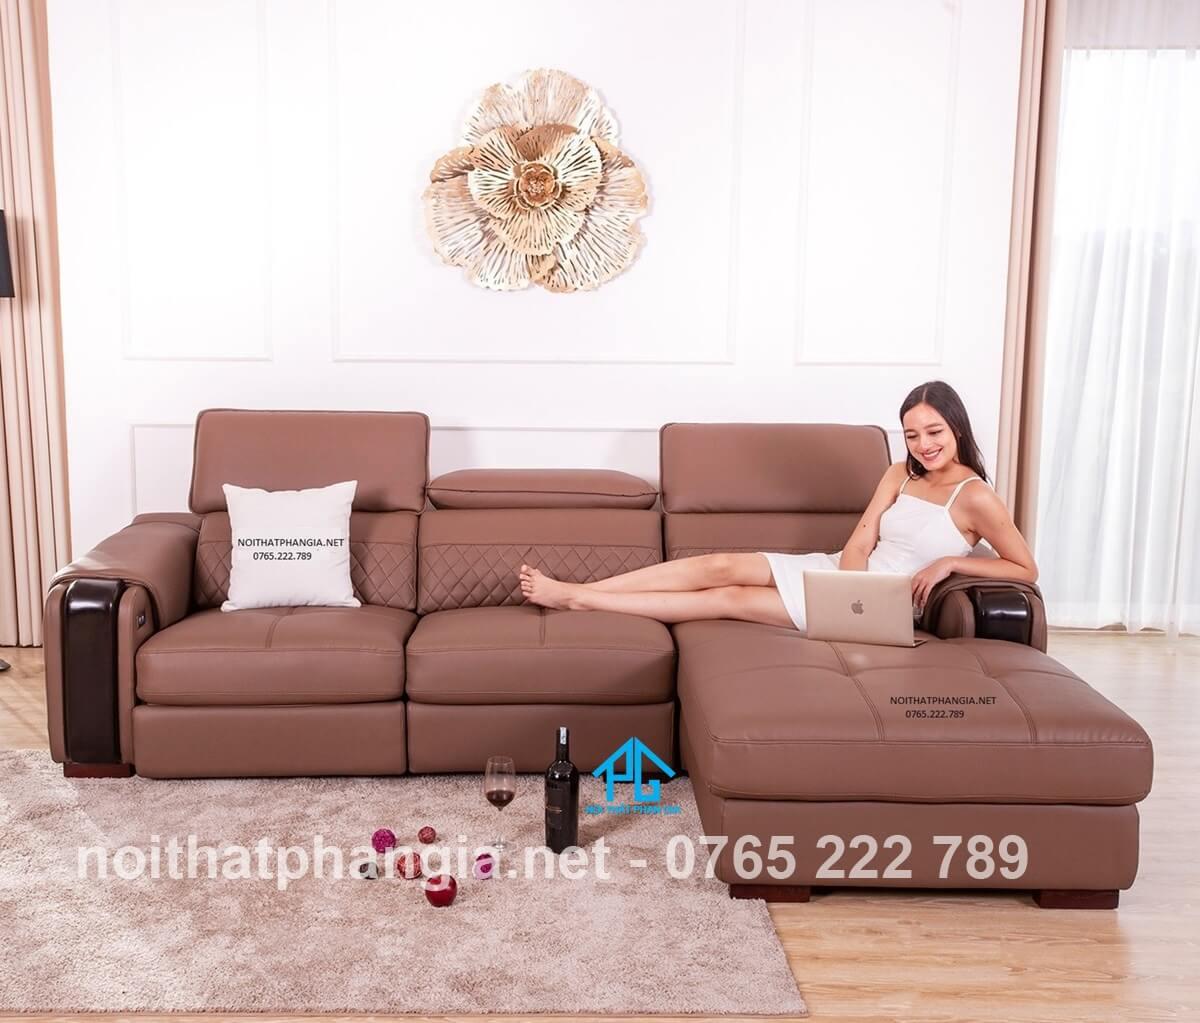 gối tựa lưng sofa bằng da;